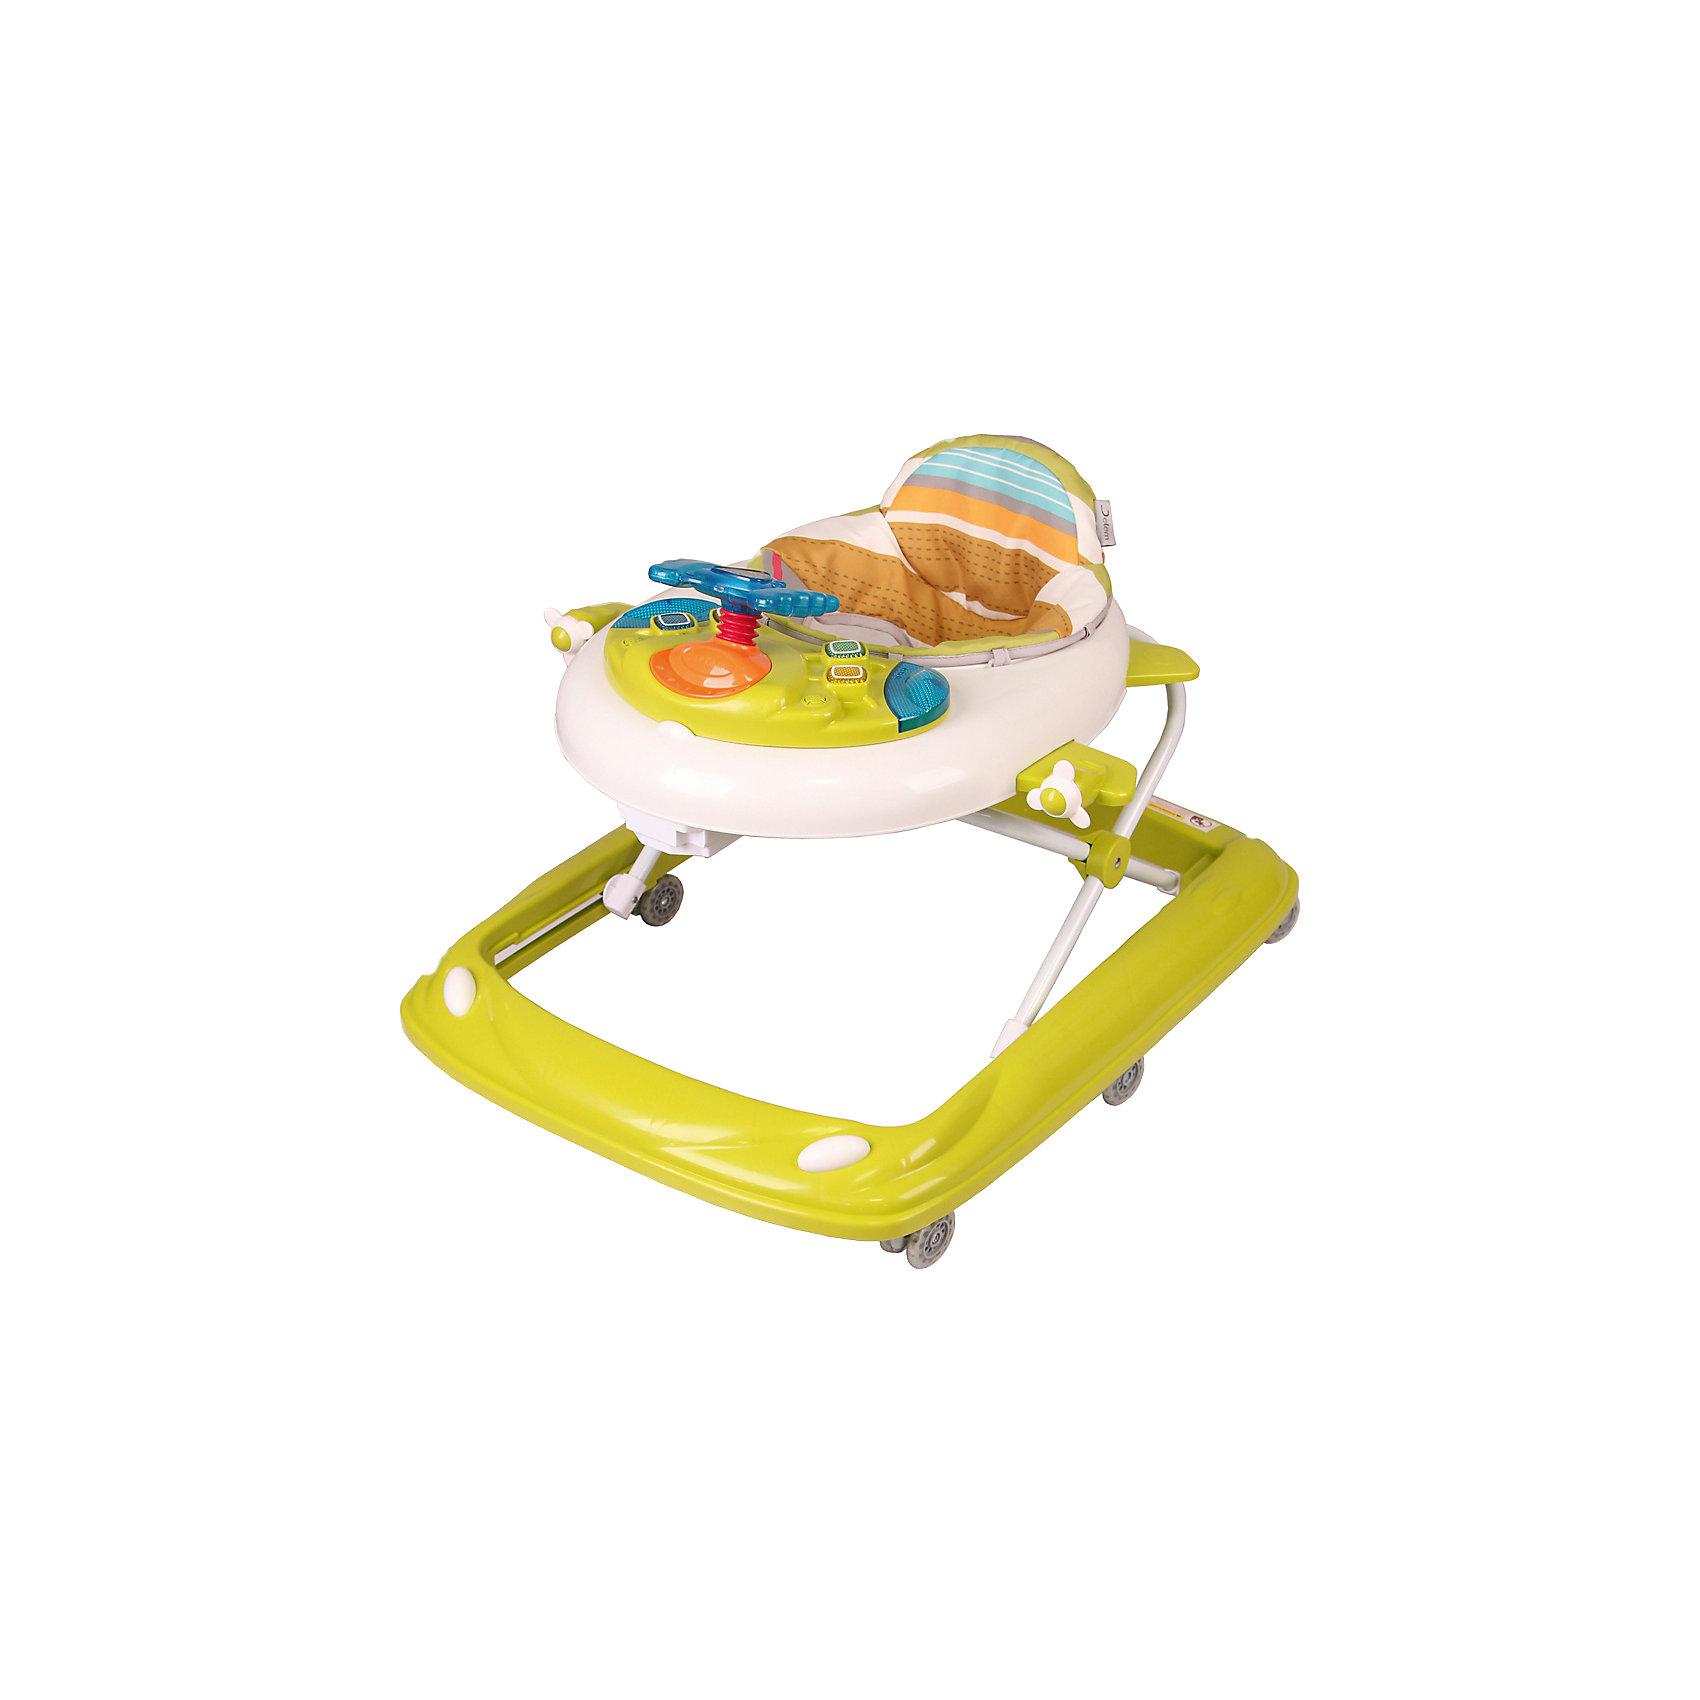 Ходунки Flyer, Jetem, SunshineХодунки<br>Характеристики товара:<br><br>• возраст от 6 месяцев;<br>• максимальная нагрузка: 12 кг<br>• материал: пластик, металл;<br>• регулировка по высоте в 3 положениях;<br>• съёмная игровая панель со световыми и звуковыми эффектами;<br>• 6 силиконовых колес;<br>• бампер с прорезиненной накладкой<br>• съёмный текстиль можно стирать<br>• размер ходунков 70х67х42 см;<br>• вес 4,3 кг;<br>• размер упаковки 72х59х11 см;<br>• вес упаковки 5 кг.<br><br>Ходунки Jetem Flyer учат малыша ходить самостоятельно и координировать движения. Съемная игровая панель со световыми и звуковыми эффектами способствует развитию мелкой моторики рук, тактильных ощущений, зрительного восприятия и музыкального слуха. Рама изготовлена из прочного металла. Благодаря широкому устойчивому основанию ходунки не опрокидываются. Колеса из силикона не повреждают напольное покрытие. Обивка сидения снимается и стирается при температуре 30 градусов. <br><br>Ходунки Jetem Flyer Sunshine можно приобрести в нашем интернет-магазине.<br><br>Ширина мм: 760<br>Глубина мм: 640<br>Высота мм: 130<br>Вес г: 5000<br>Возраст от месяцев: 0<br>Возраст до месяцев: 180<br>Пол: Унисекс<br>Возраст: Детский<br>SKU: 5454009